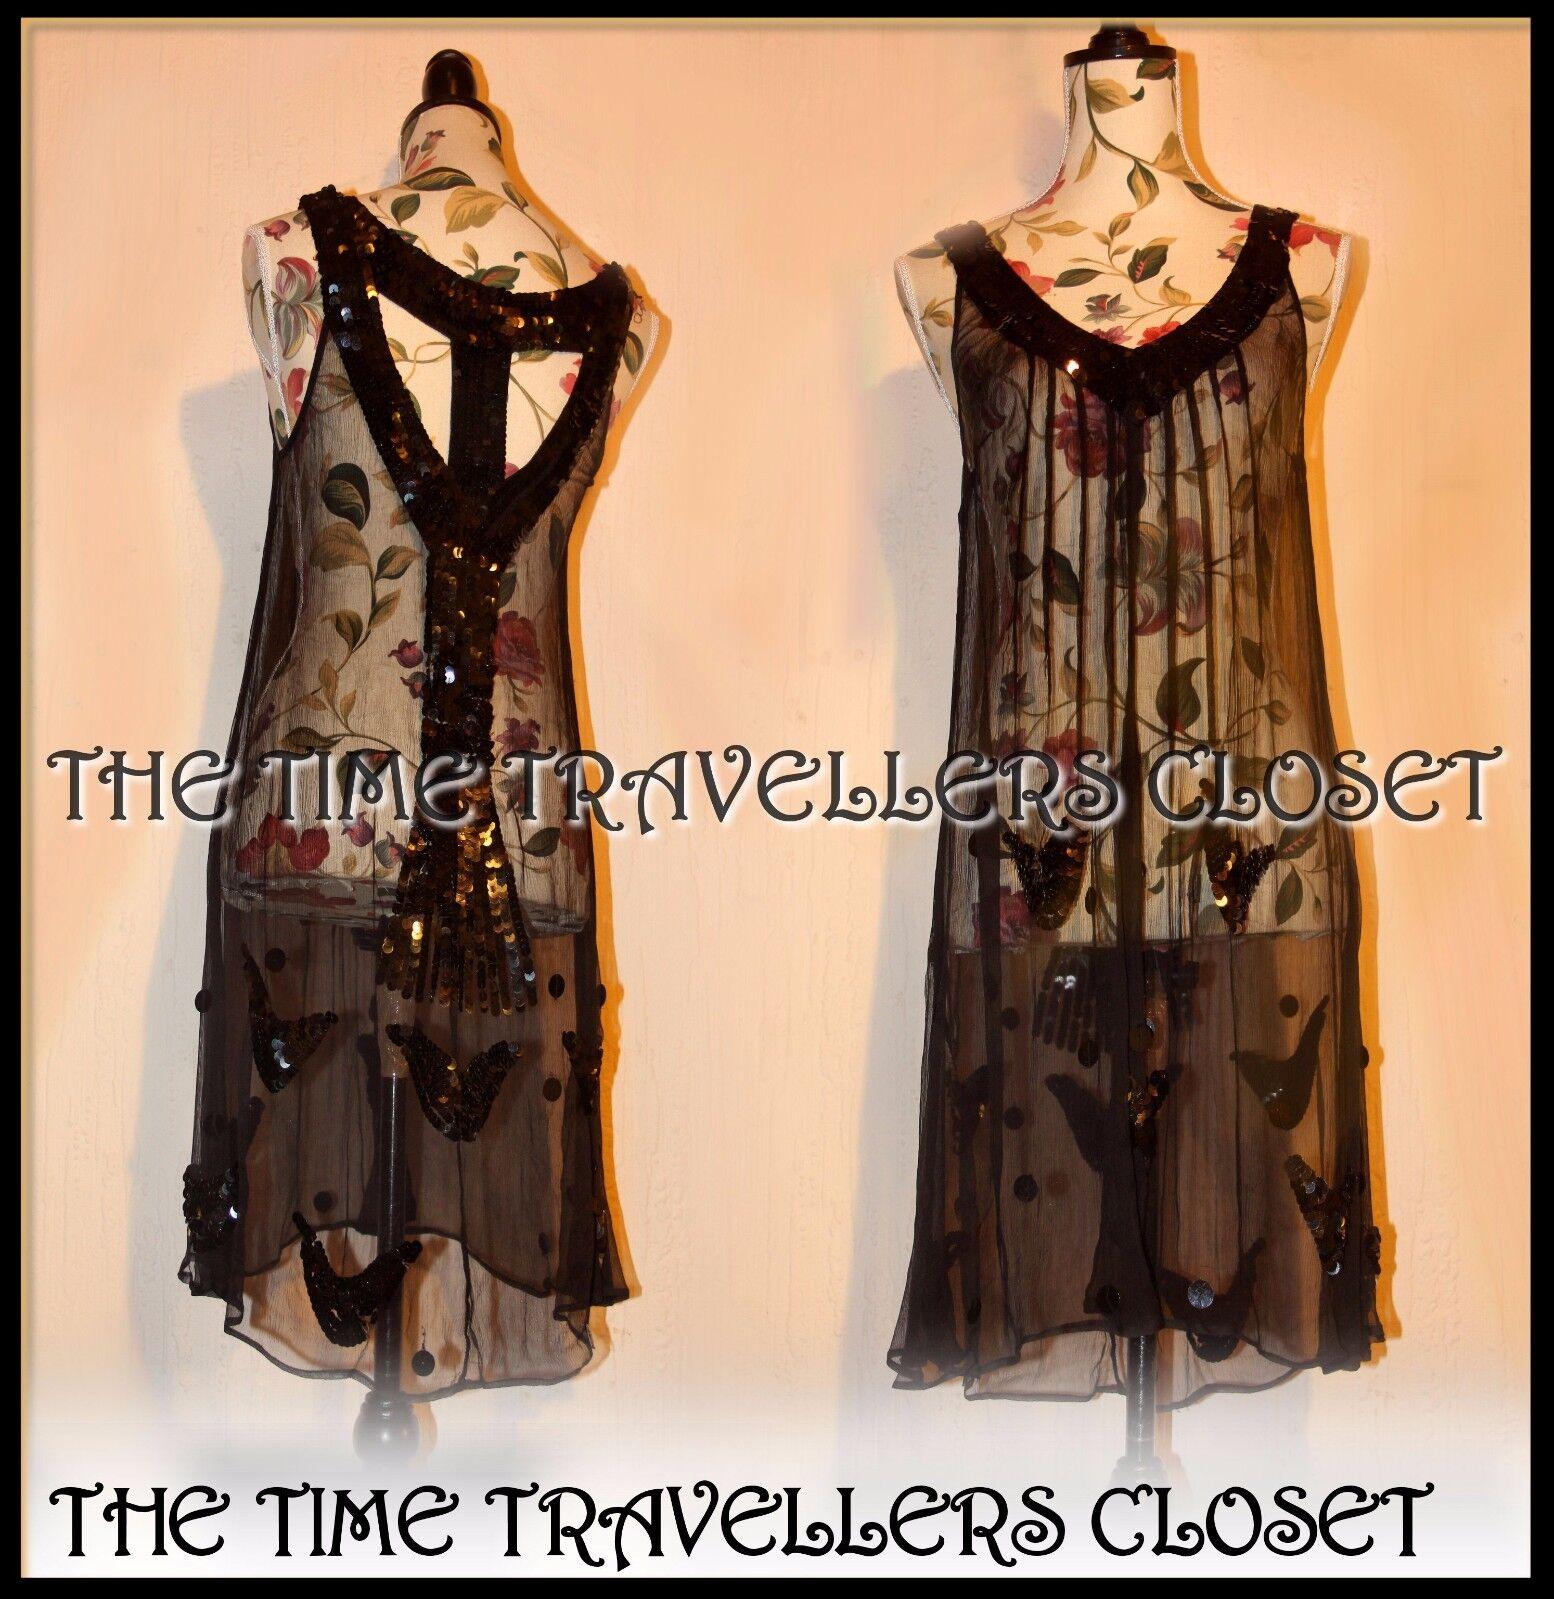 KATE MOSS TOPSHOP schwarz SHEER W    SLIP SEQUIN FLAPPER DRESS VTG ROARING 20s UK 12 64fddb